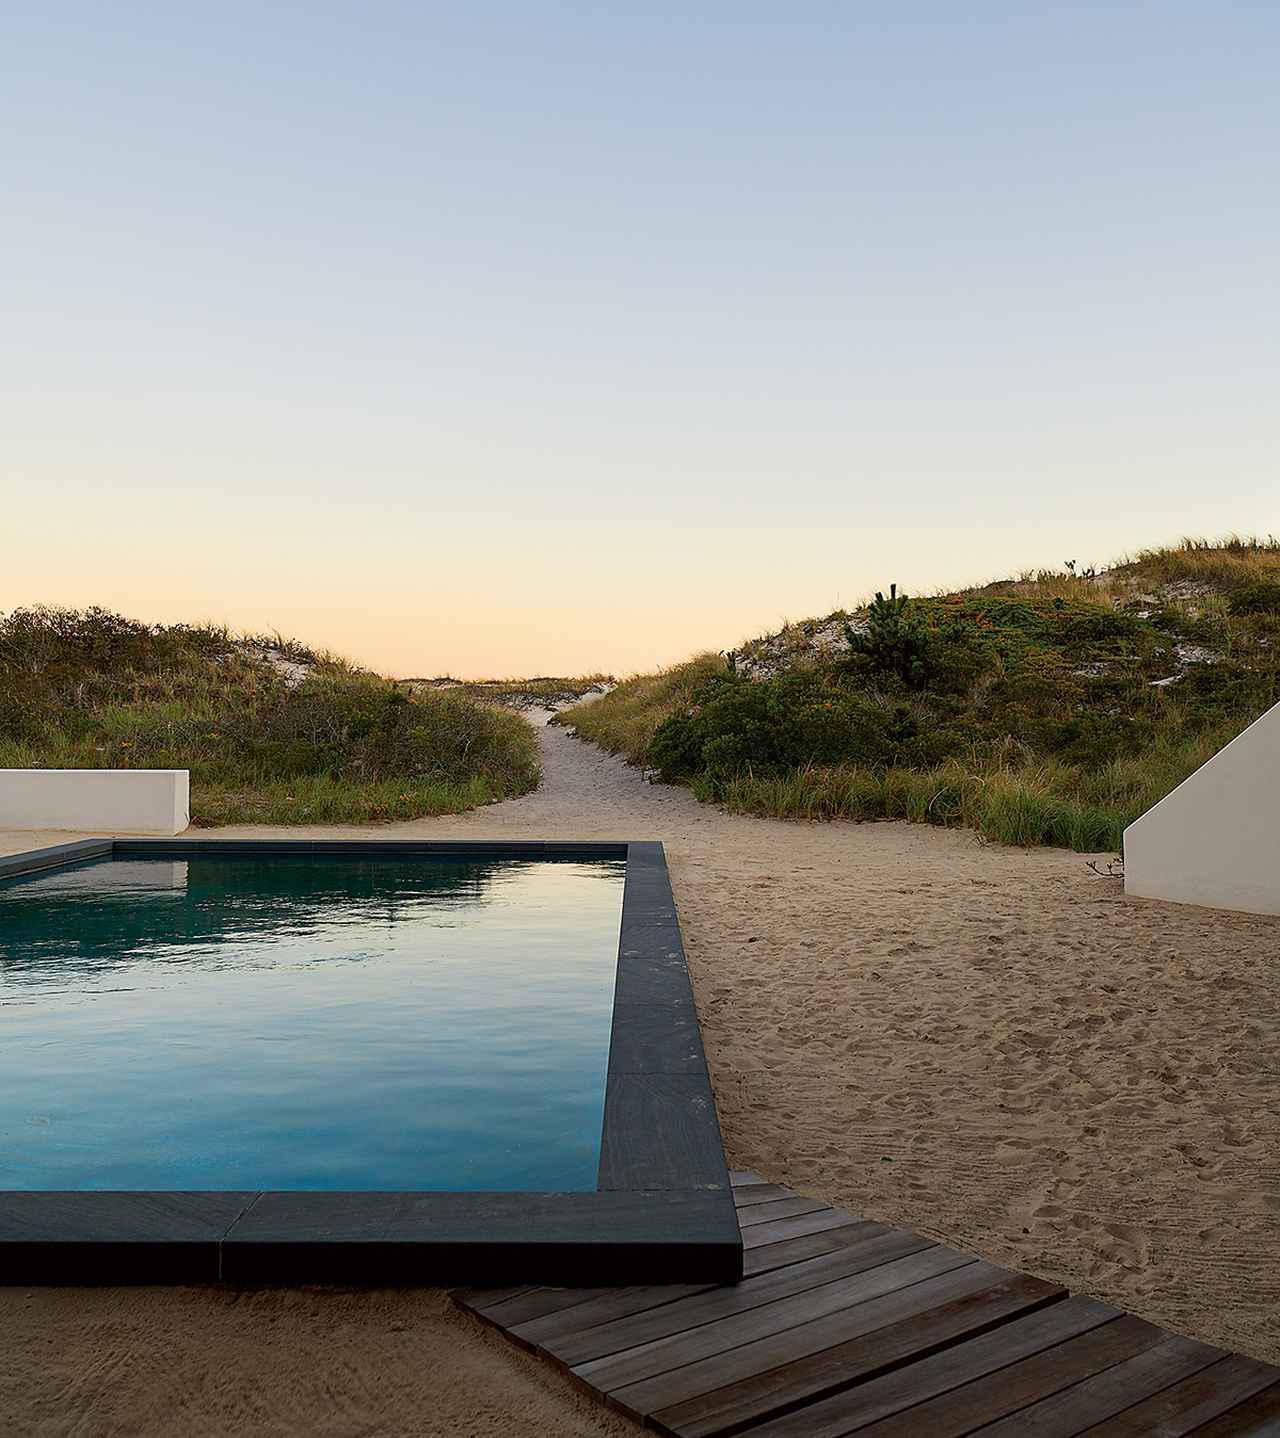 Images : 2番目の画像 - 「ウォード・ベネットが建てた 砂浜にたたずむ家」のアルバム - T JAPAN:The New York Times Style Magazine 公式サイト